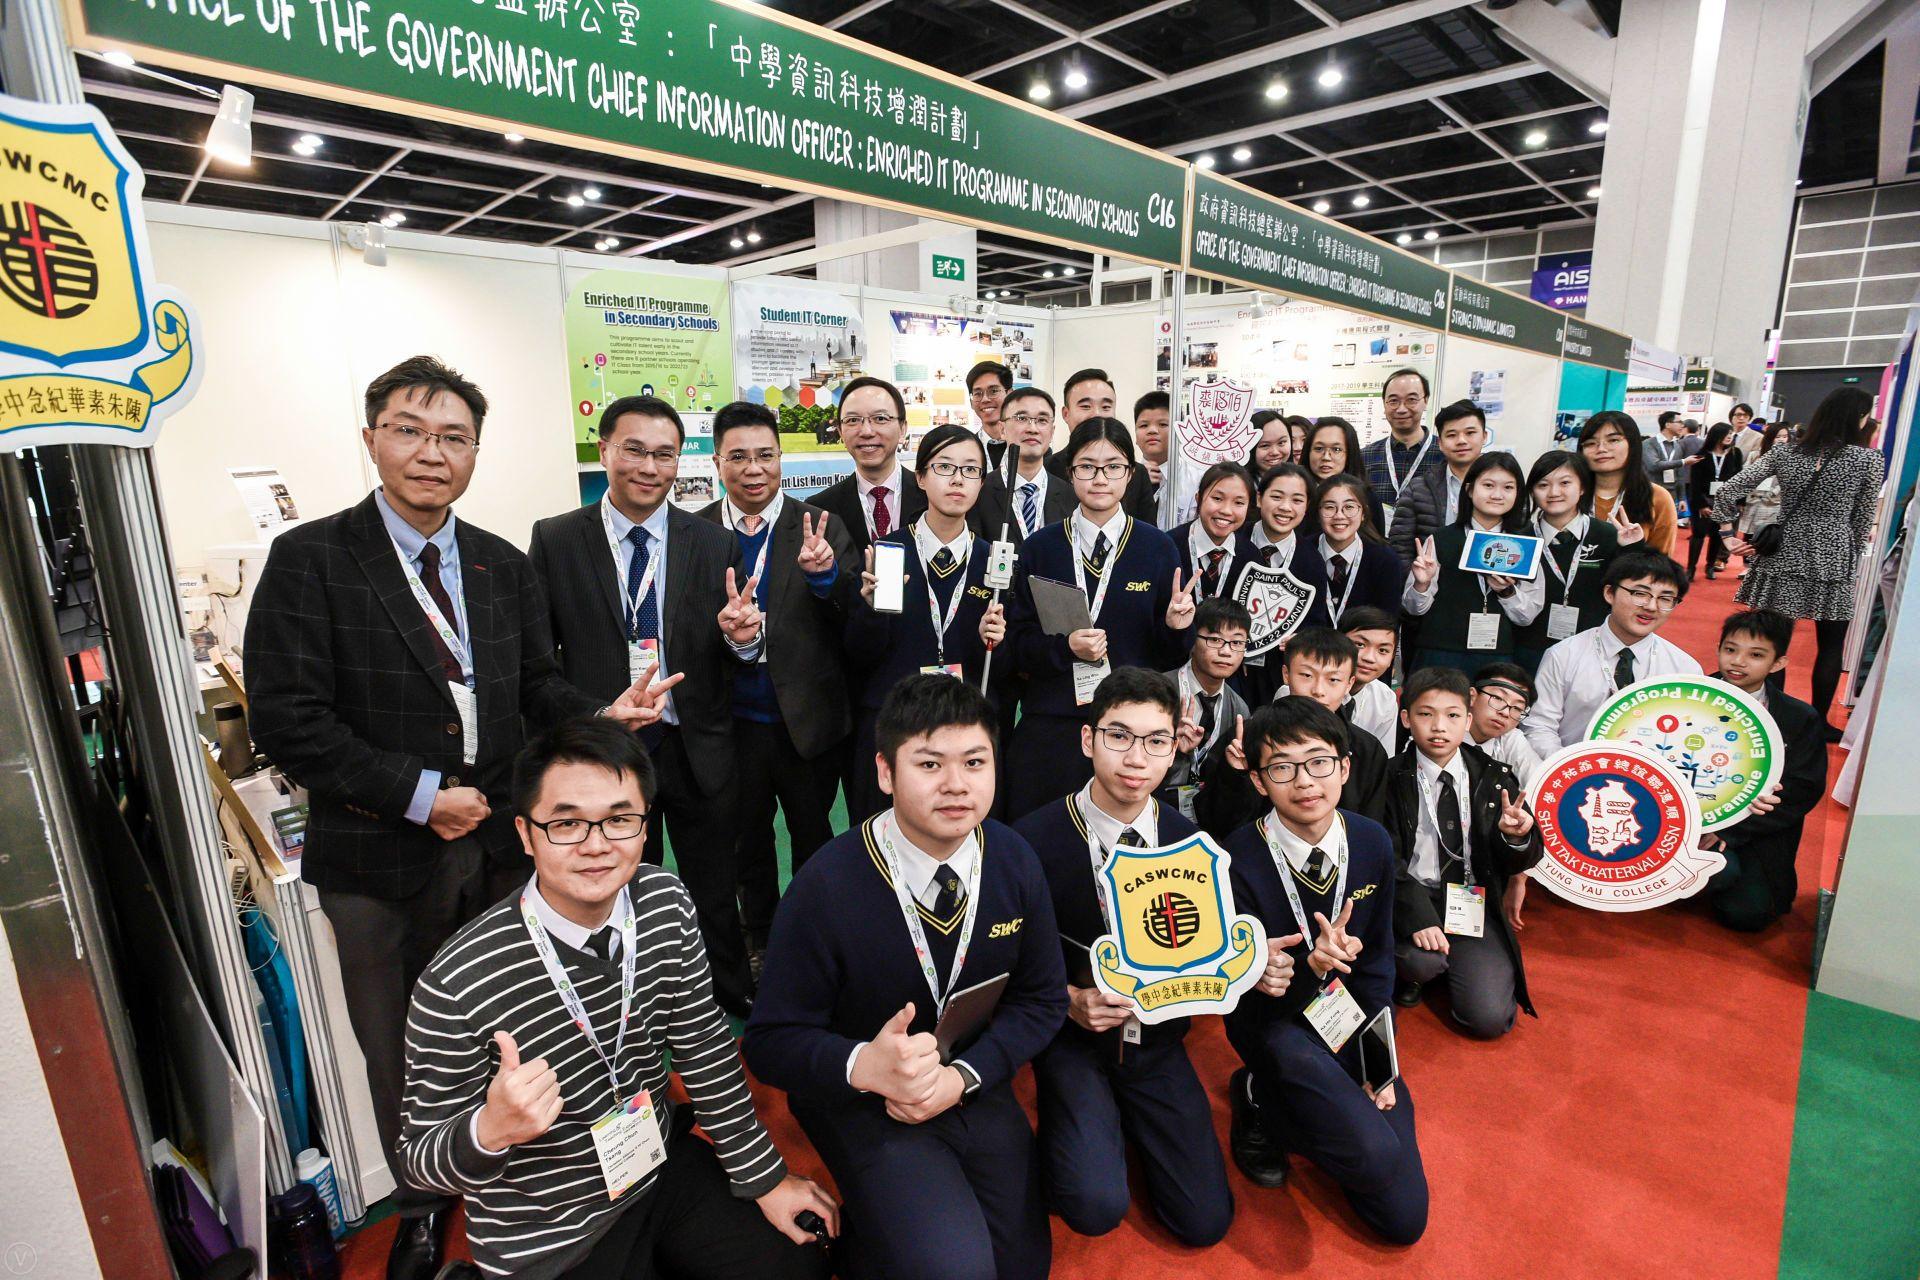 政府資訊科技總監辦公室 : 學與教博覽2019